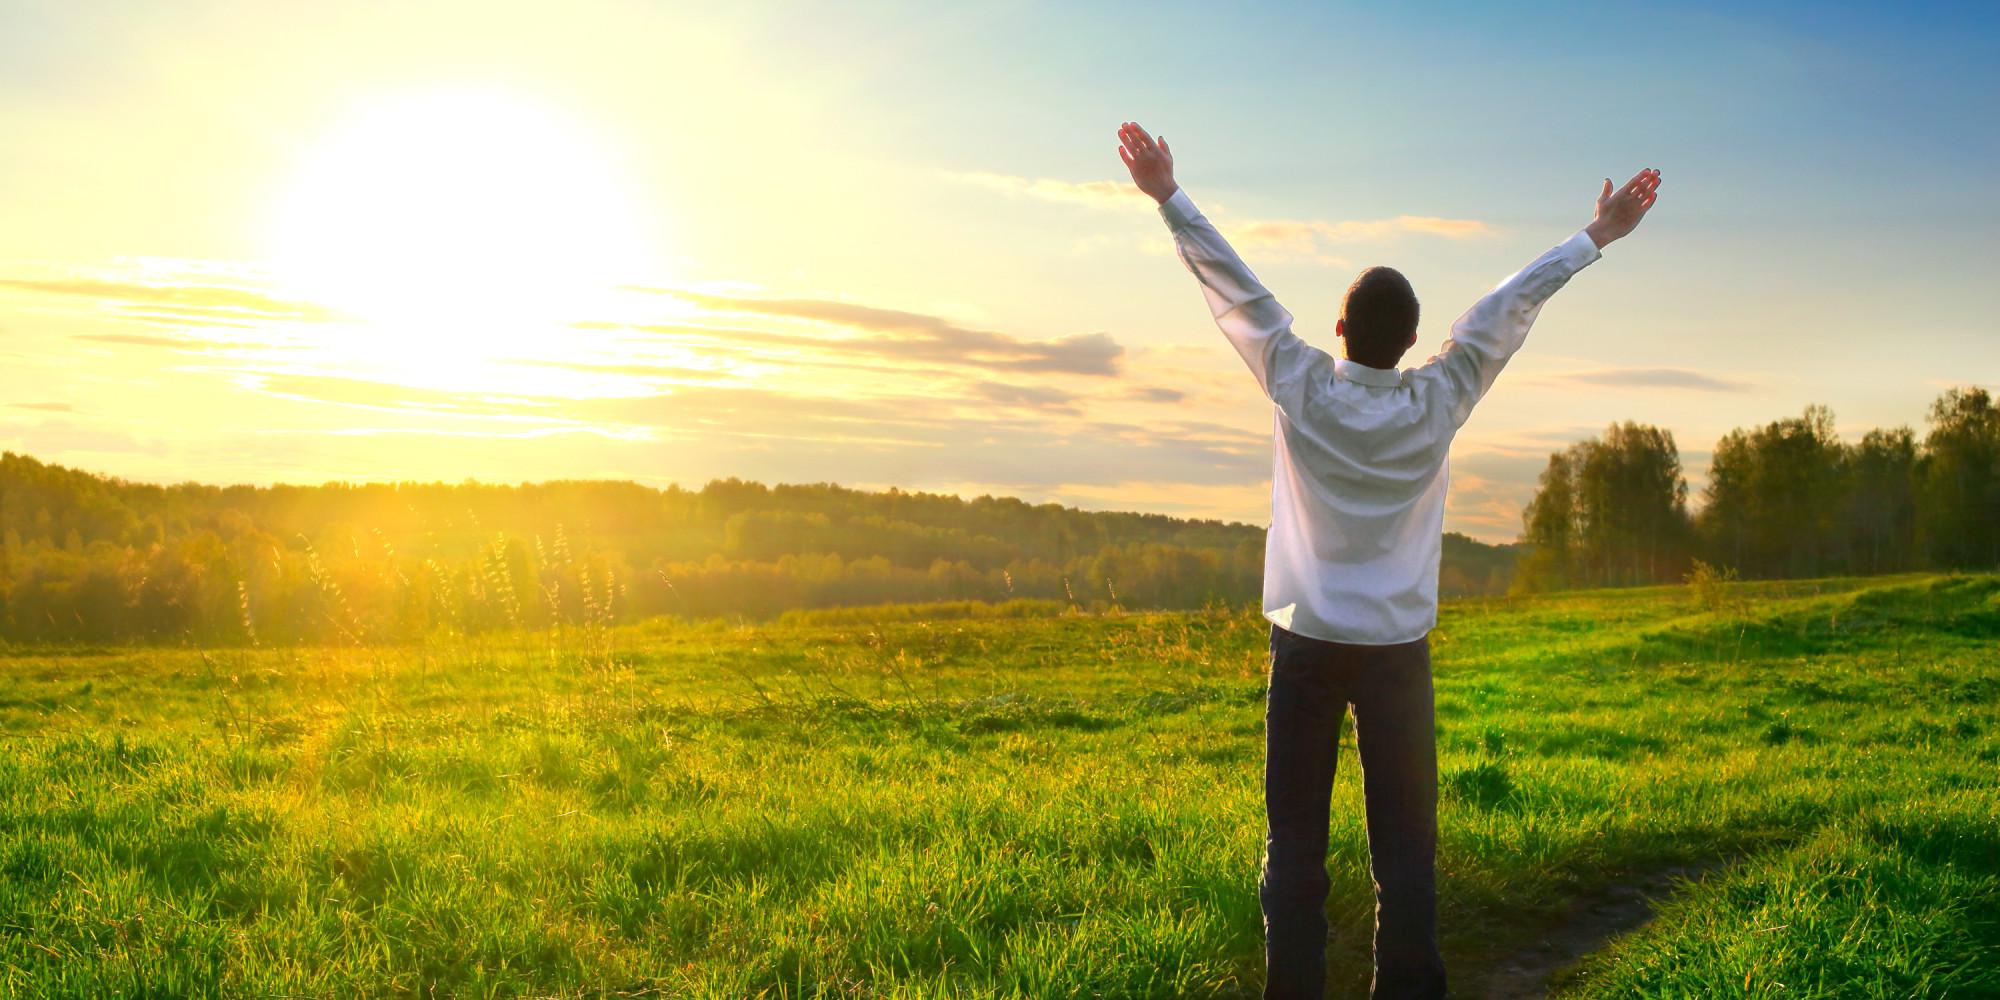 фото радости свободы подготовили